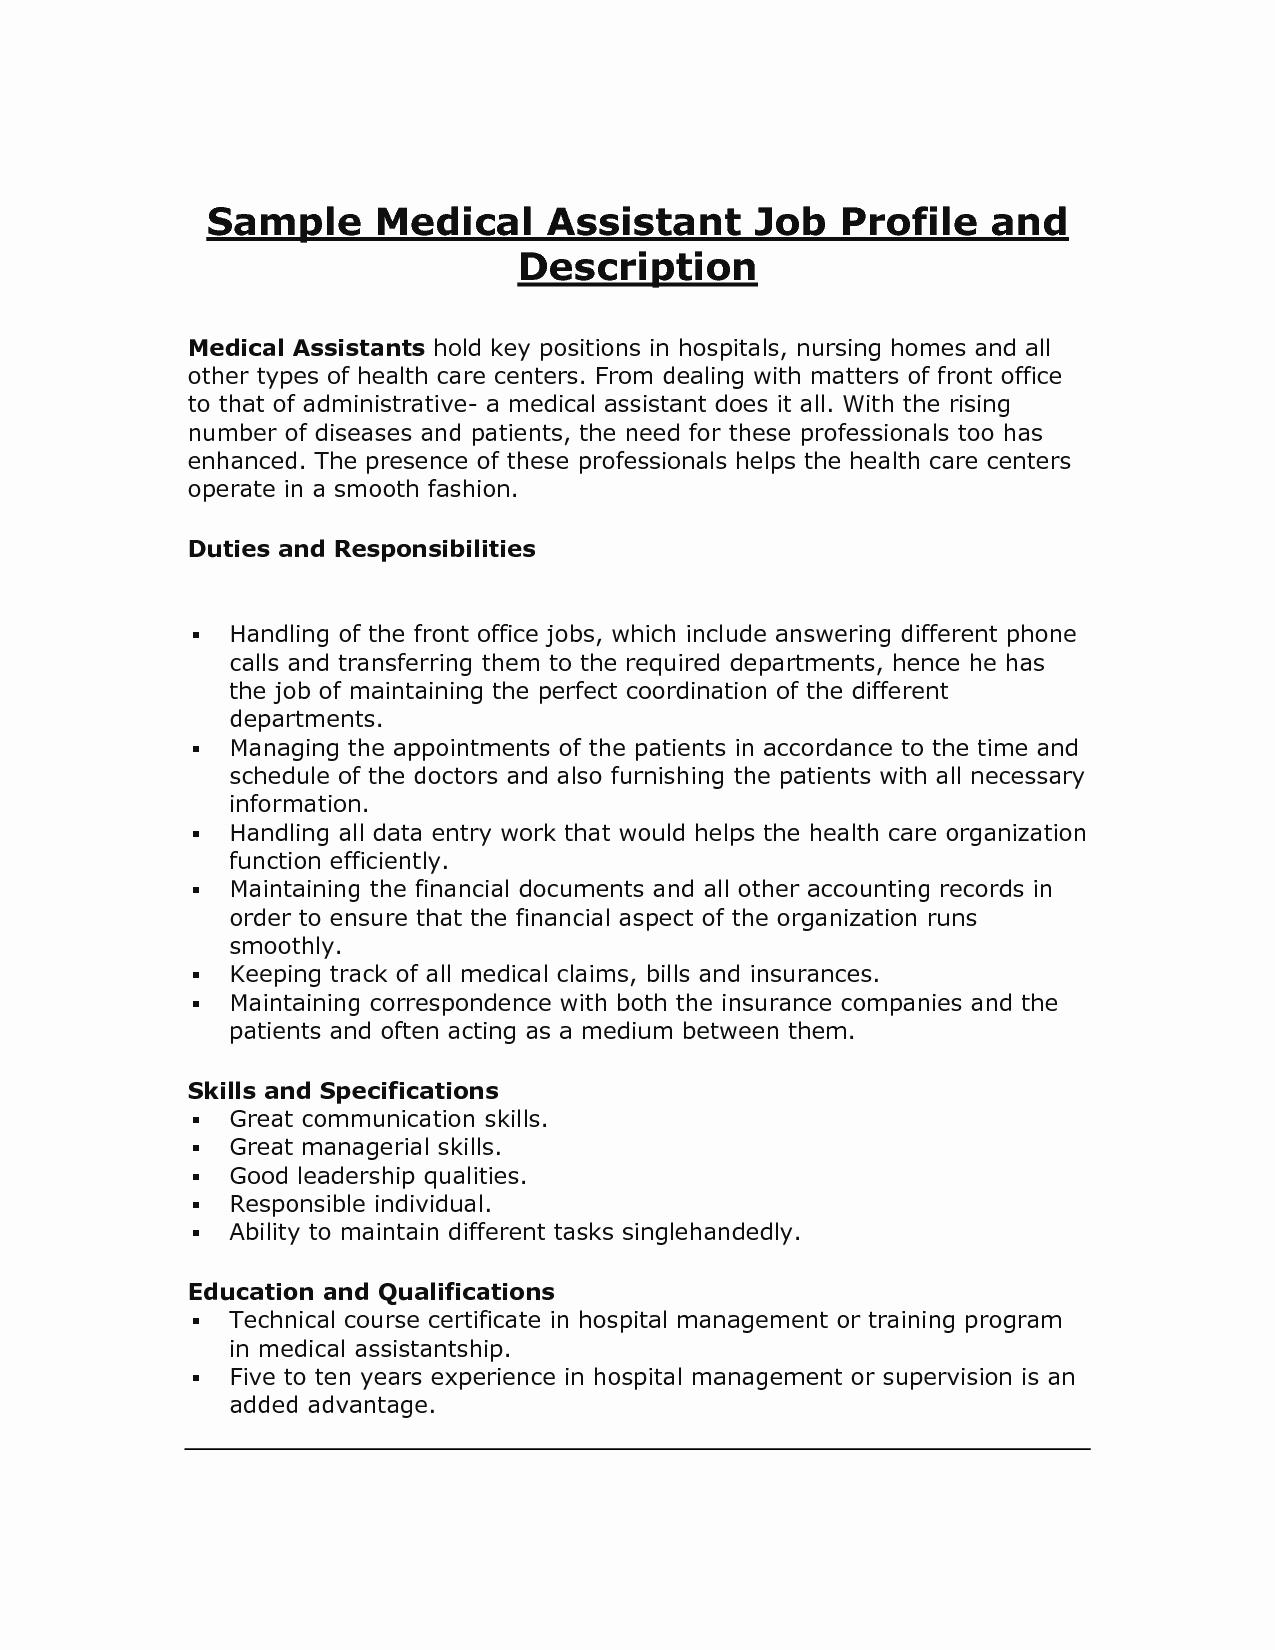 10 Sample Resume for Medical assistant Job Description